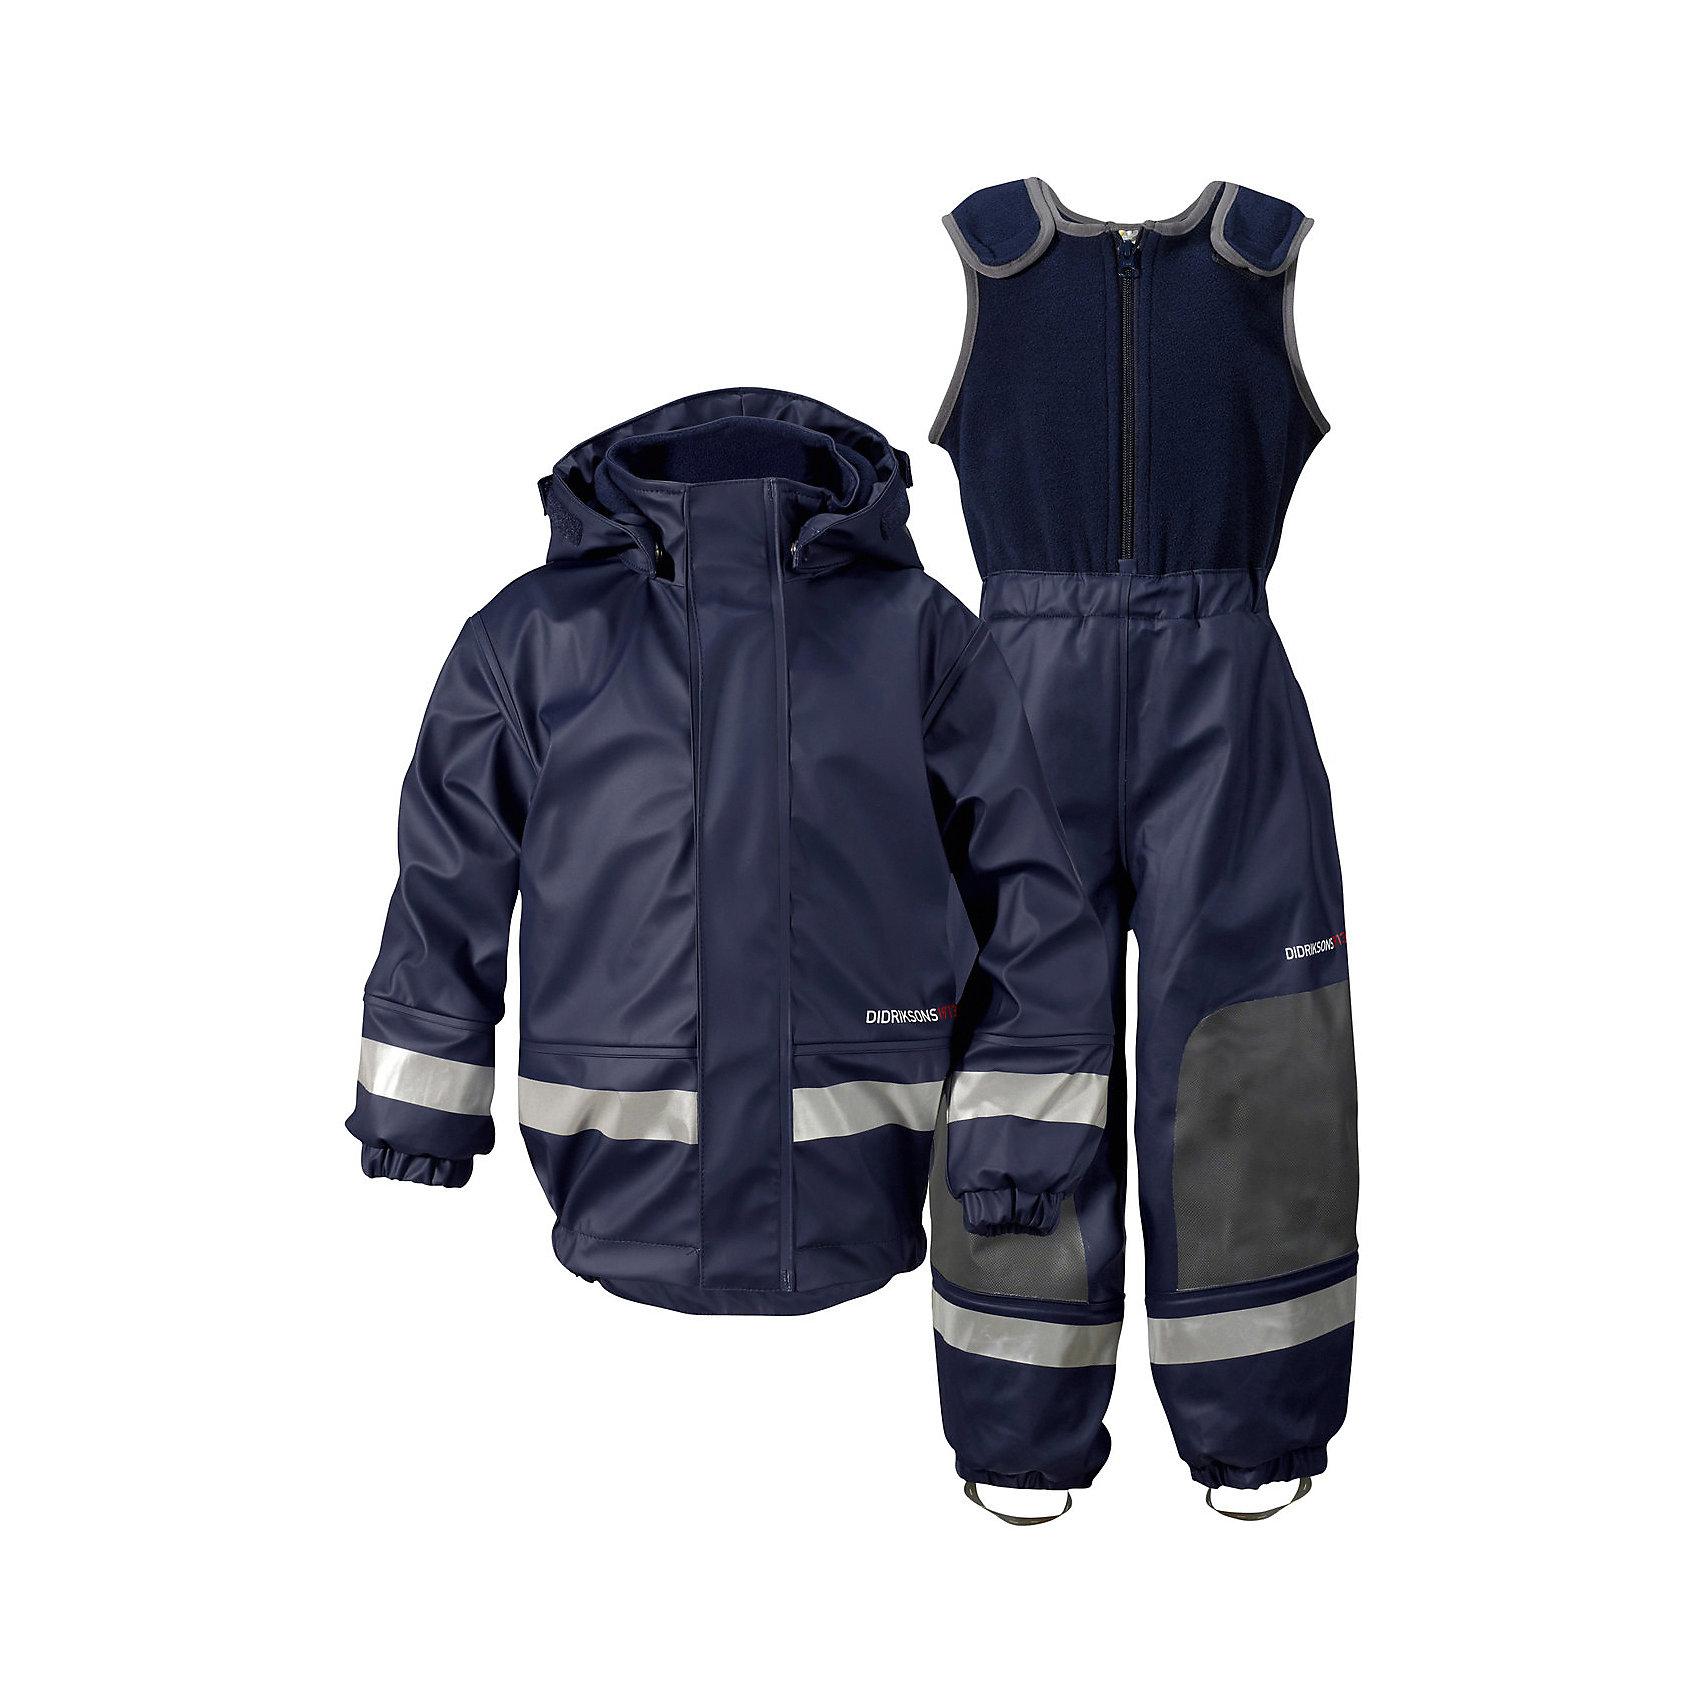 Непромокаемый комплект Boardman: куртка и полукомбинезон DIDRIKSONSВерхняя одежда<br>Характеристики товара:<br><br>• цвет: синий<br>• материал: 100% полиуретан, подкладка - 100% полиэстер<br>• утеплитель: 60 г/м<br>• температура: от 0° до +7 ° С<br>• непромокаемая ткань<br>• подкладка из флиса<br>• проклеенные швы<br>• регулируемый съемный капюшон<br>• регулируемый пояс брюк<br>• фронтальная молния под планкой<br>• светоотражающие детали<br>• зона коленей усилена дополнительным слоем ткани<br>• грязь легко удаляется с помощью влажной губки или ткани<br>• резинки для ботинок<br>• страна бренда: Швеция<br>• страна производства: Китай<br><br>Такой непромокаемый костюм понадобится в холодную и сырую погоду! Он не только стильный, но еще и очень комфортный. Костюм обеспечит ребенку удобство при прогулках и активном отдыхе в межсезонье или оттепель. Такая модель от шведского производителя легко чистится, она оснащена разными полезными деталями.<br>Материал костюма - непромокаемый, швы дополнительно проклеены. Очень стильная и удобная модель! Изделие качественно выполнено, сделано из безопасных для детей материалов. <br><br>Комплект: куртку и полукомбинезон от бренда DIDRIKSONS можно купить в нашем интернет-магазине.<br><br>Ширина мм: 356<br>Глубина мм: 10<br>Высота мм: 245<br>Вес г: 519<br>Цвет: голубой<br>Возраст от месяцев: 12<br>Возраст до месяцев: 15<br>Пол: Мужской<br>Возраст: Детский<br>Размер: 80,70,90<br>SKU: 5043795